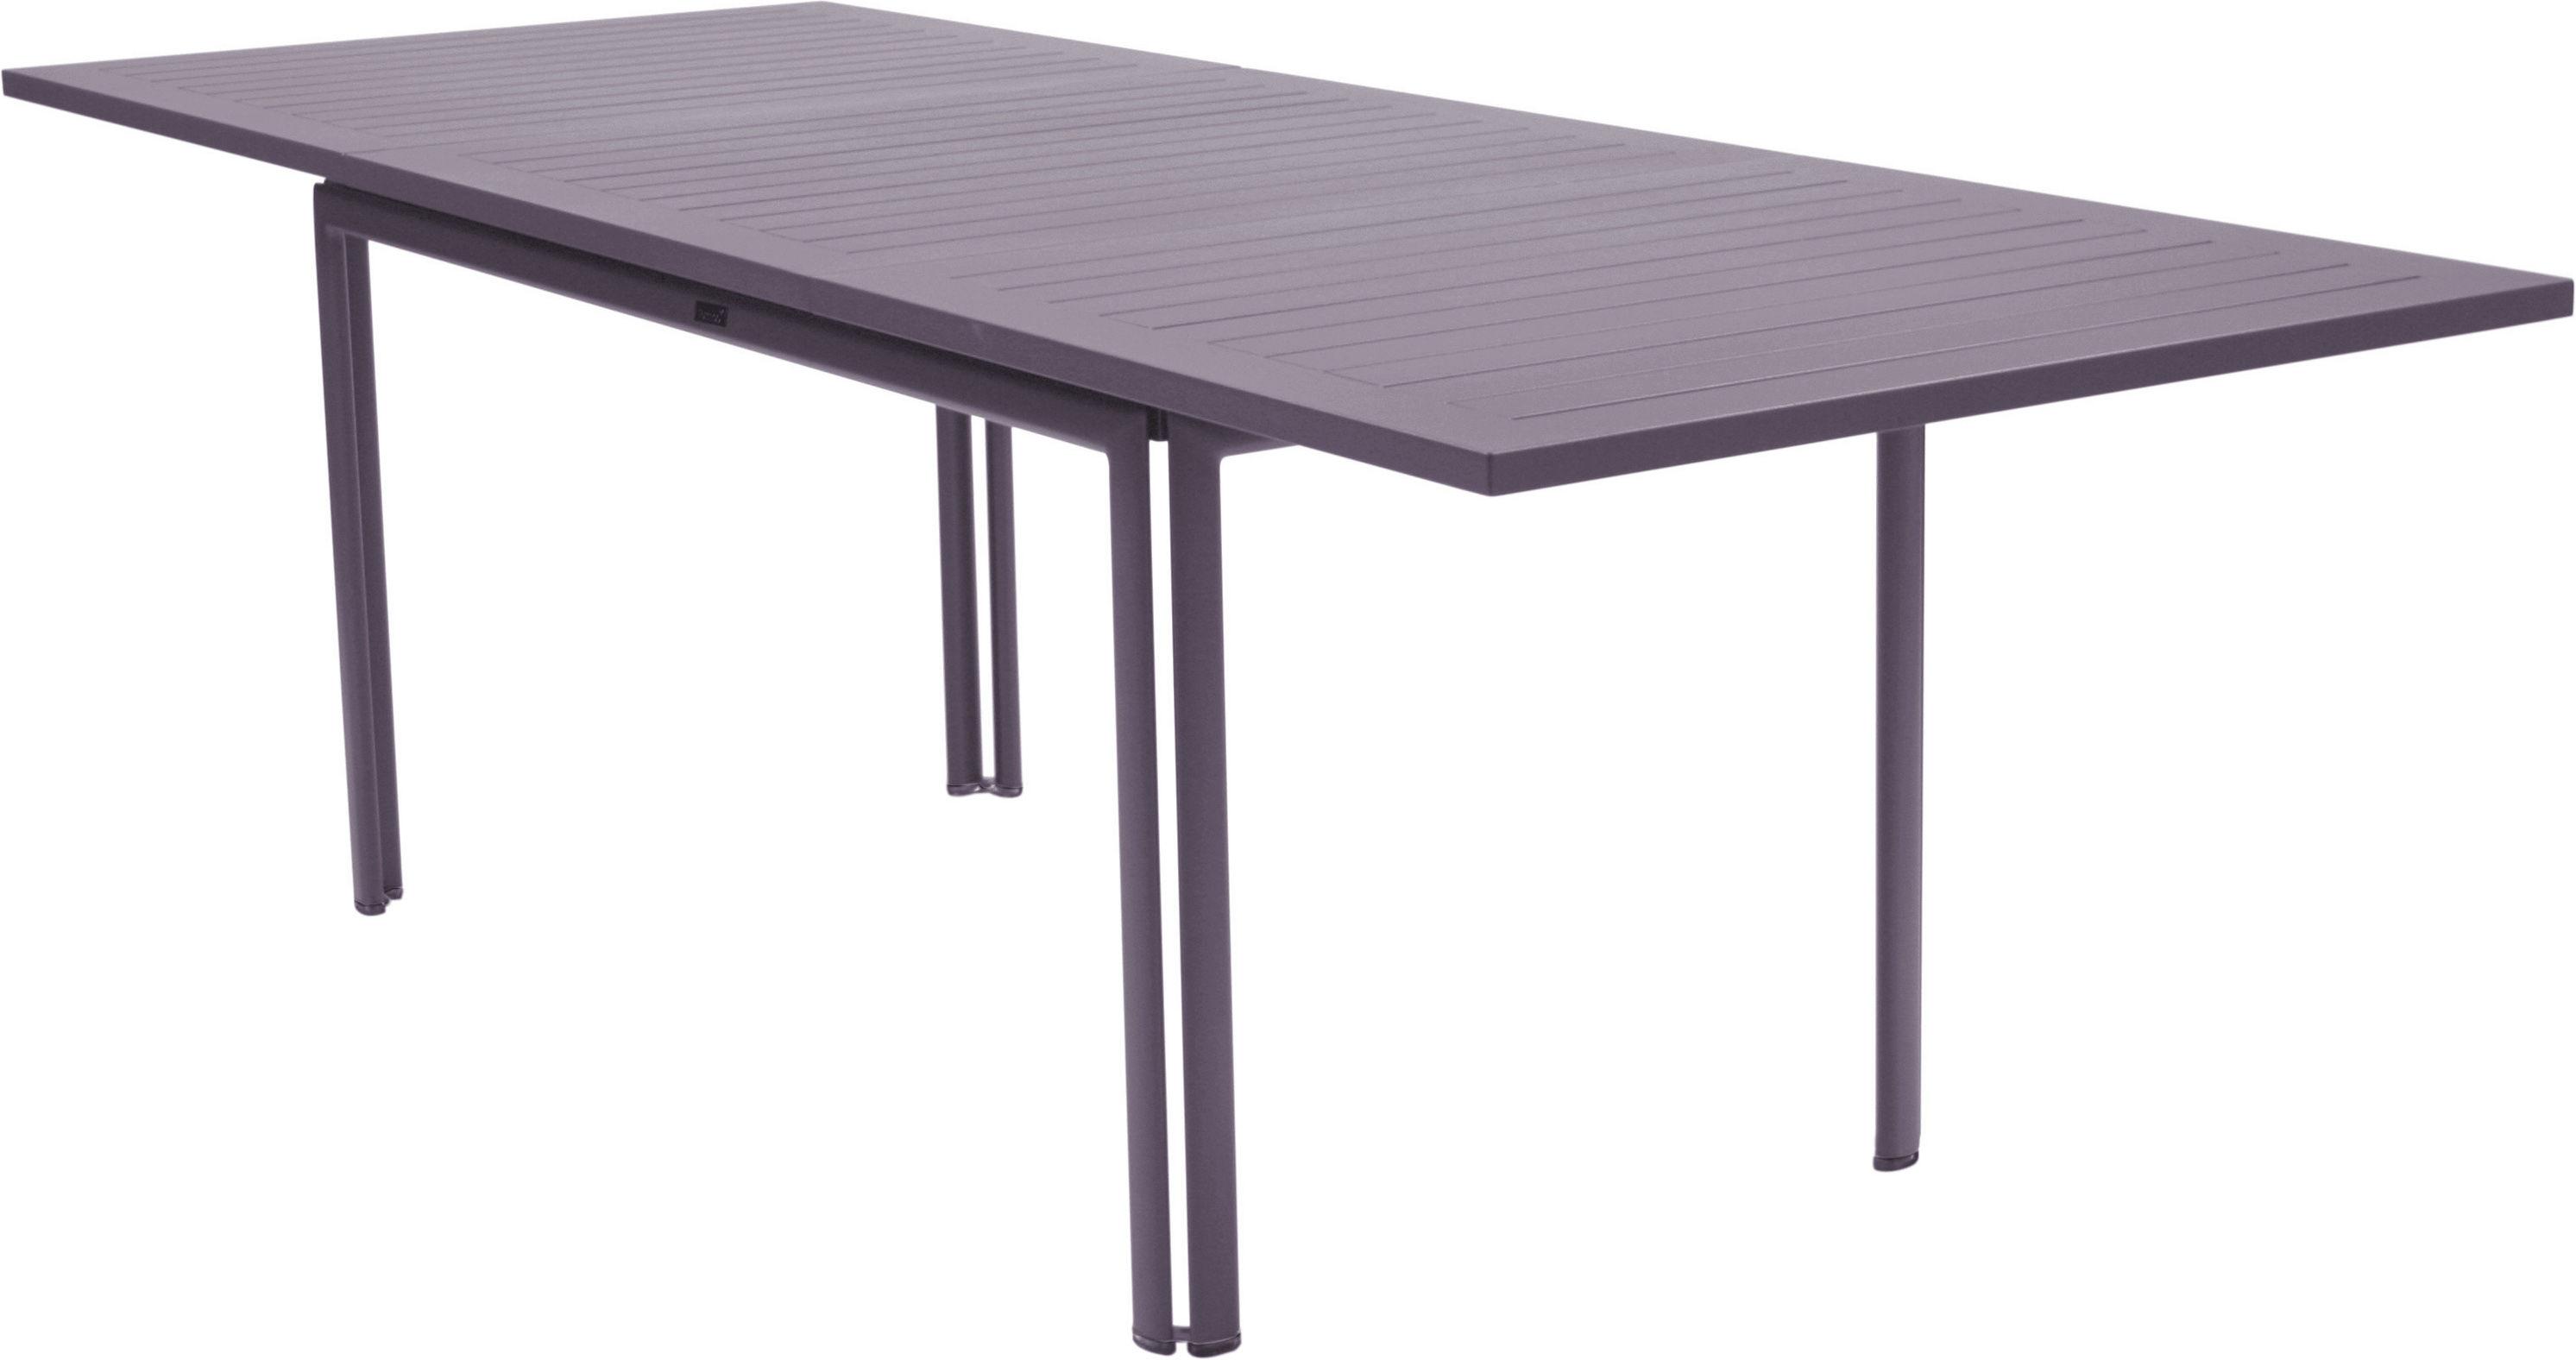 Costa tavolo con prolunga l 160 a 240 cm 6 a 10 persone prugna by fermob made in design - Tavolo 10 persone ...